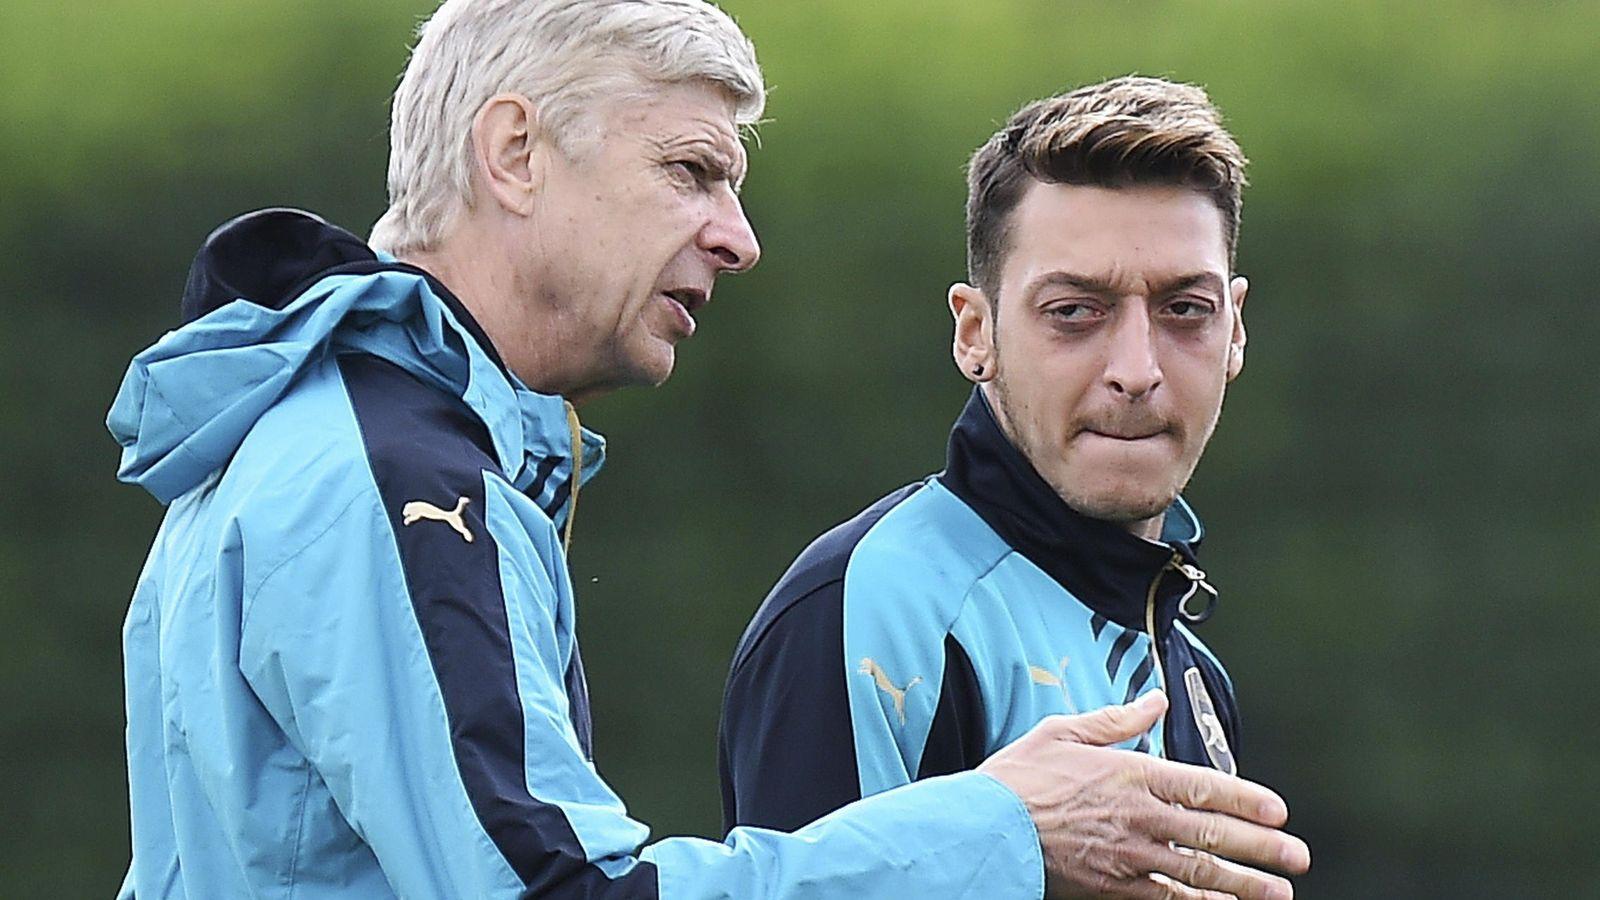 Foto: Wenger habla con Özil durante un entrenamiento del Arsenal. (EFE)